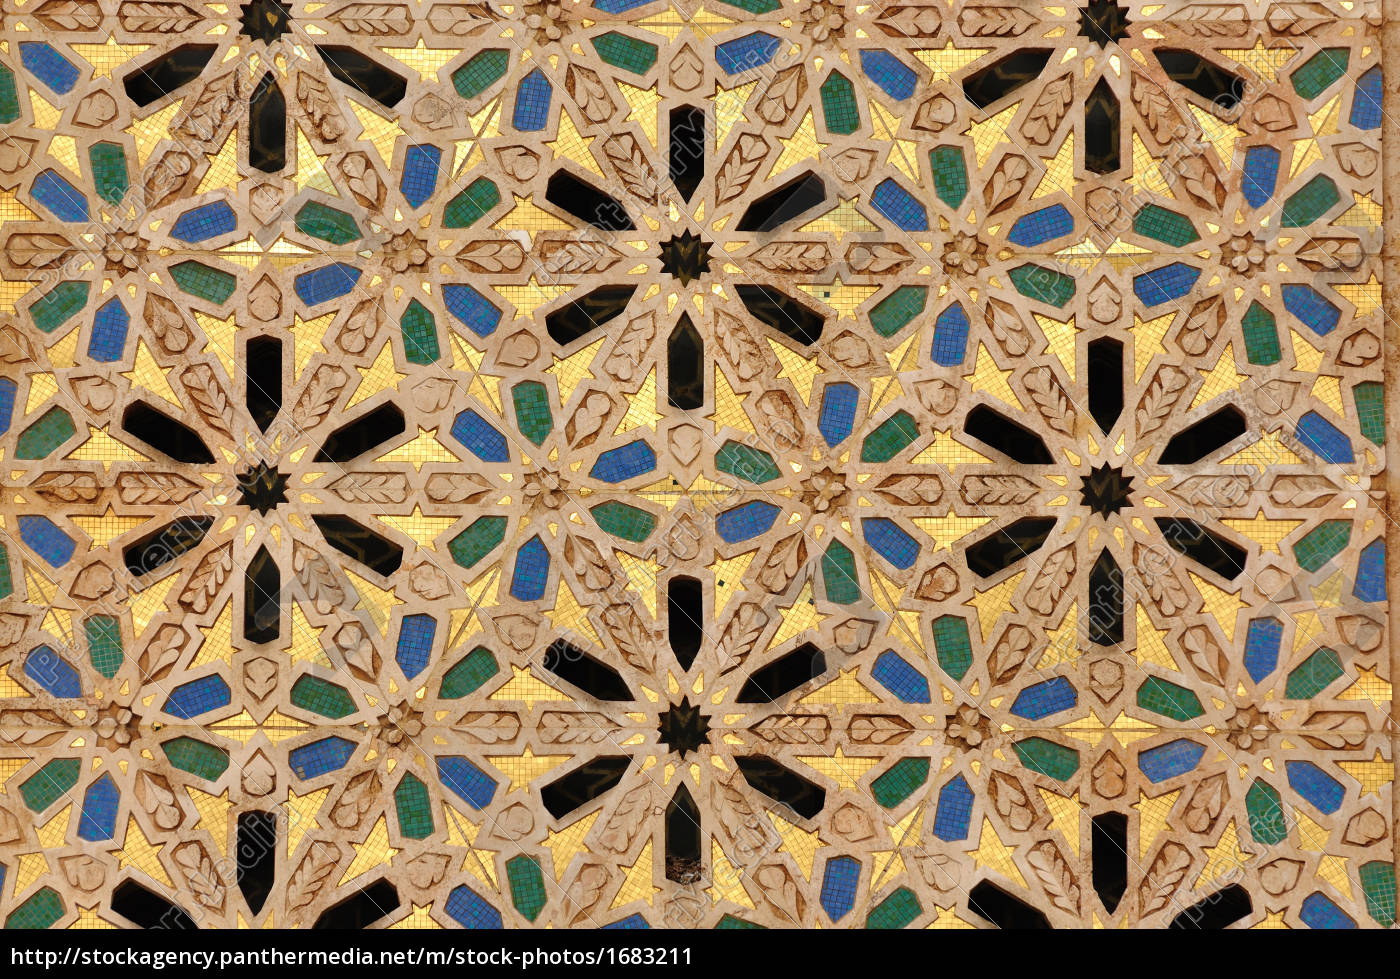 orientalische mosaik ornamente lizenzfreies bild 1683211 bildagentur panthermedia